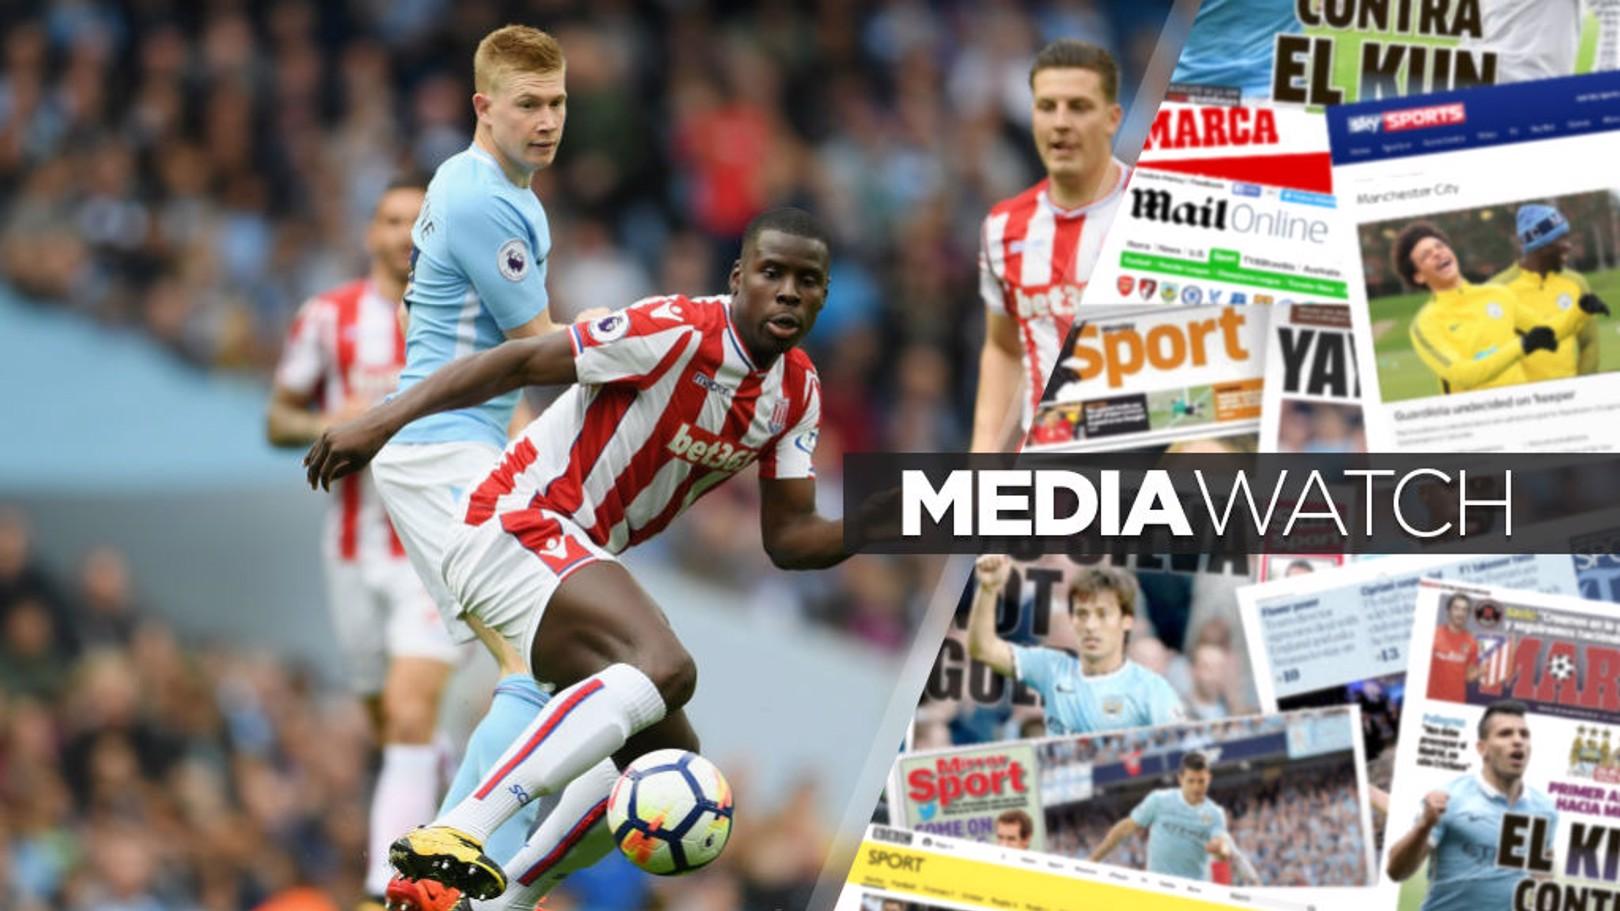 كورت زوما أكد للصحافة أنه يسعى للثأر من خسارة ستوك سيتي أمام مانشستر سيتي بنتيجة (7-2) في أكتوبر.